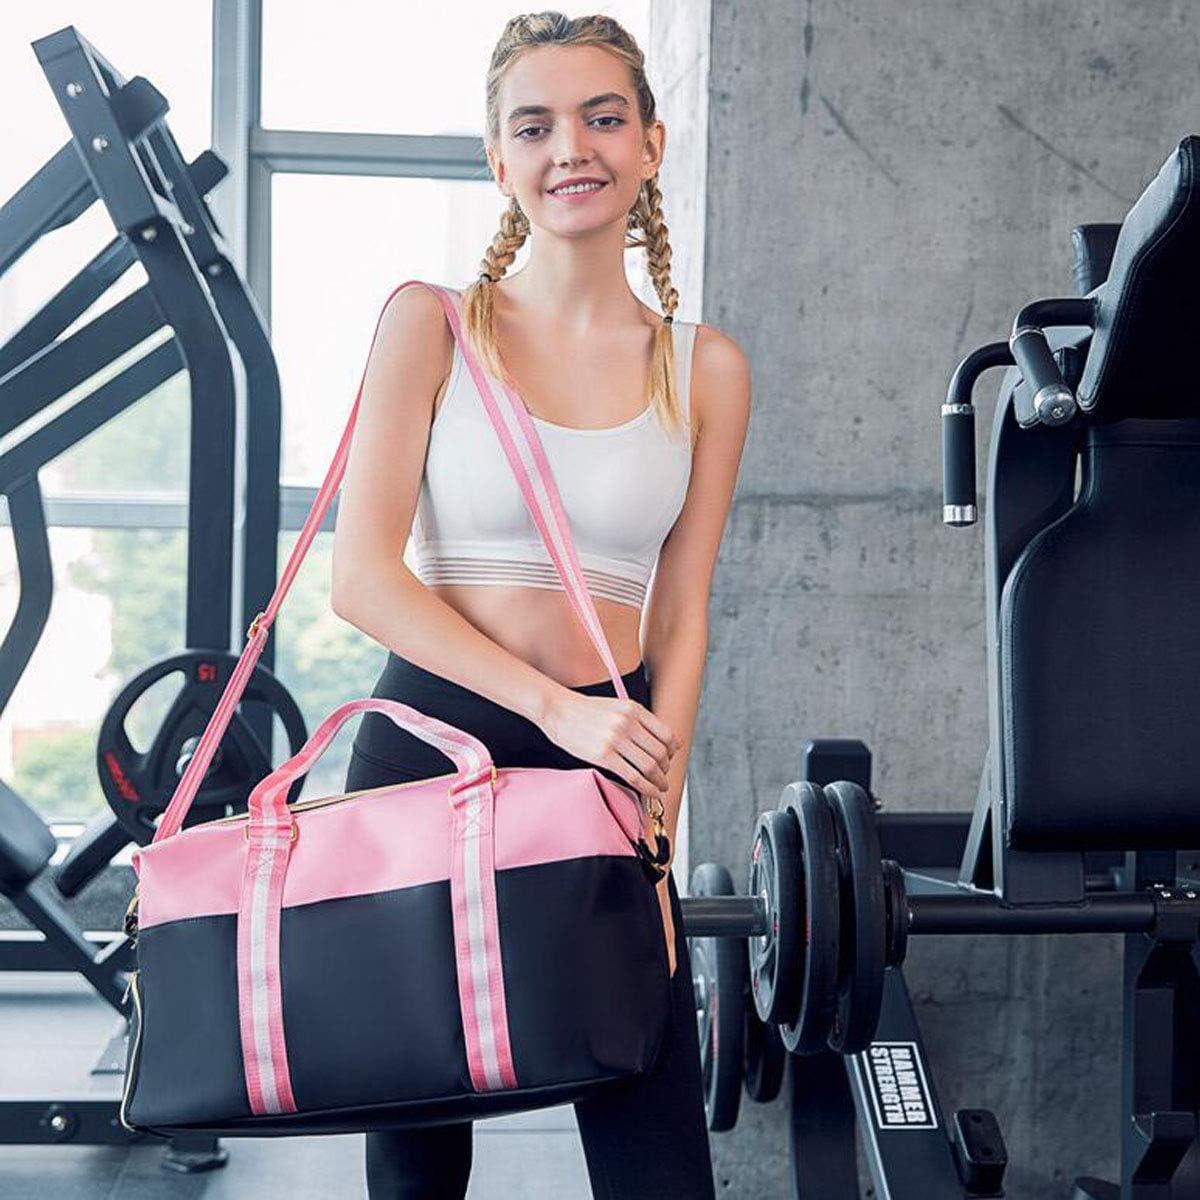 Shoulder Messenger Bag Short-Distance Travel Bag Kaiyitong Fitness Bag Independent Shoe Bag Color : Pink, Size : 166.411.2 inch Black and Pink